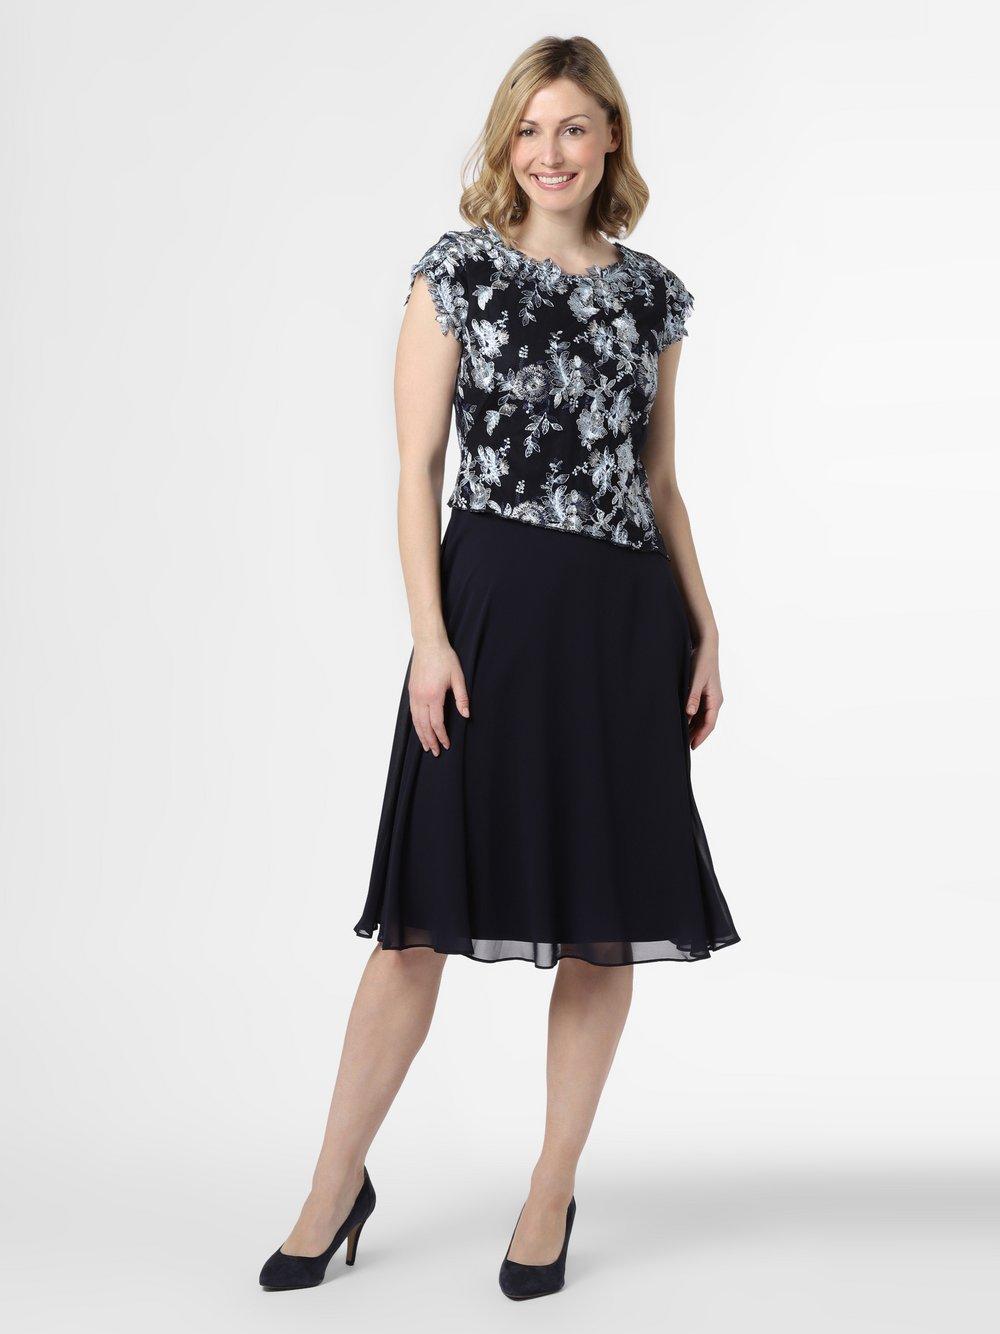 Ambiance – Damska sukienka wieczorowa, niebieski Van Graaf 472619-0001-00440